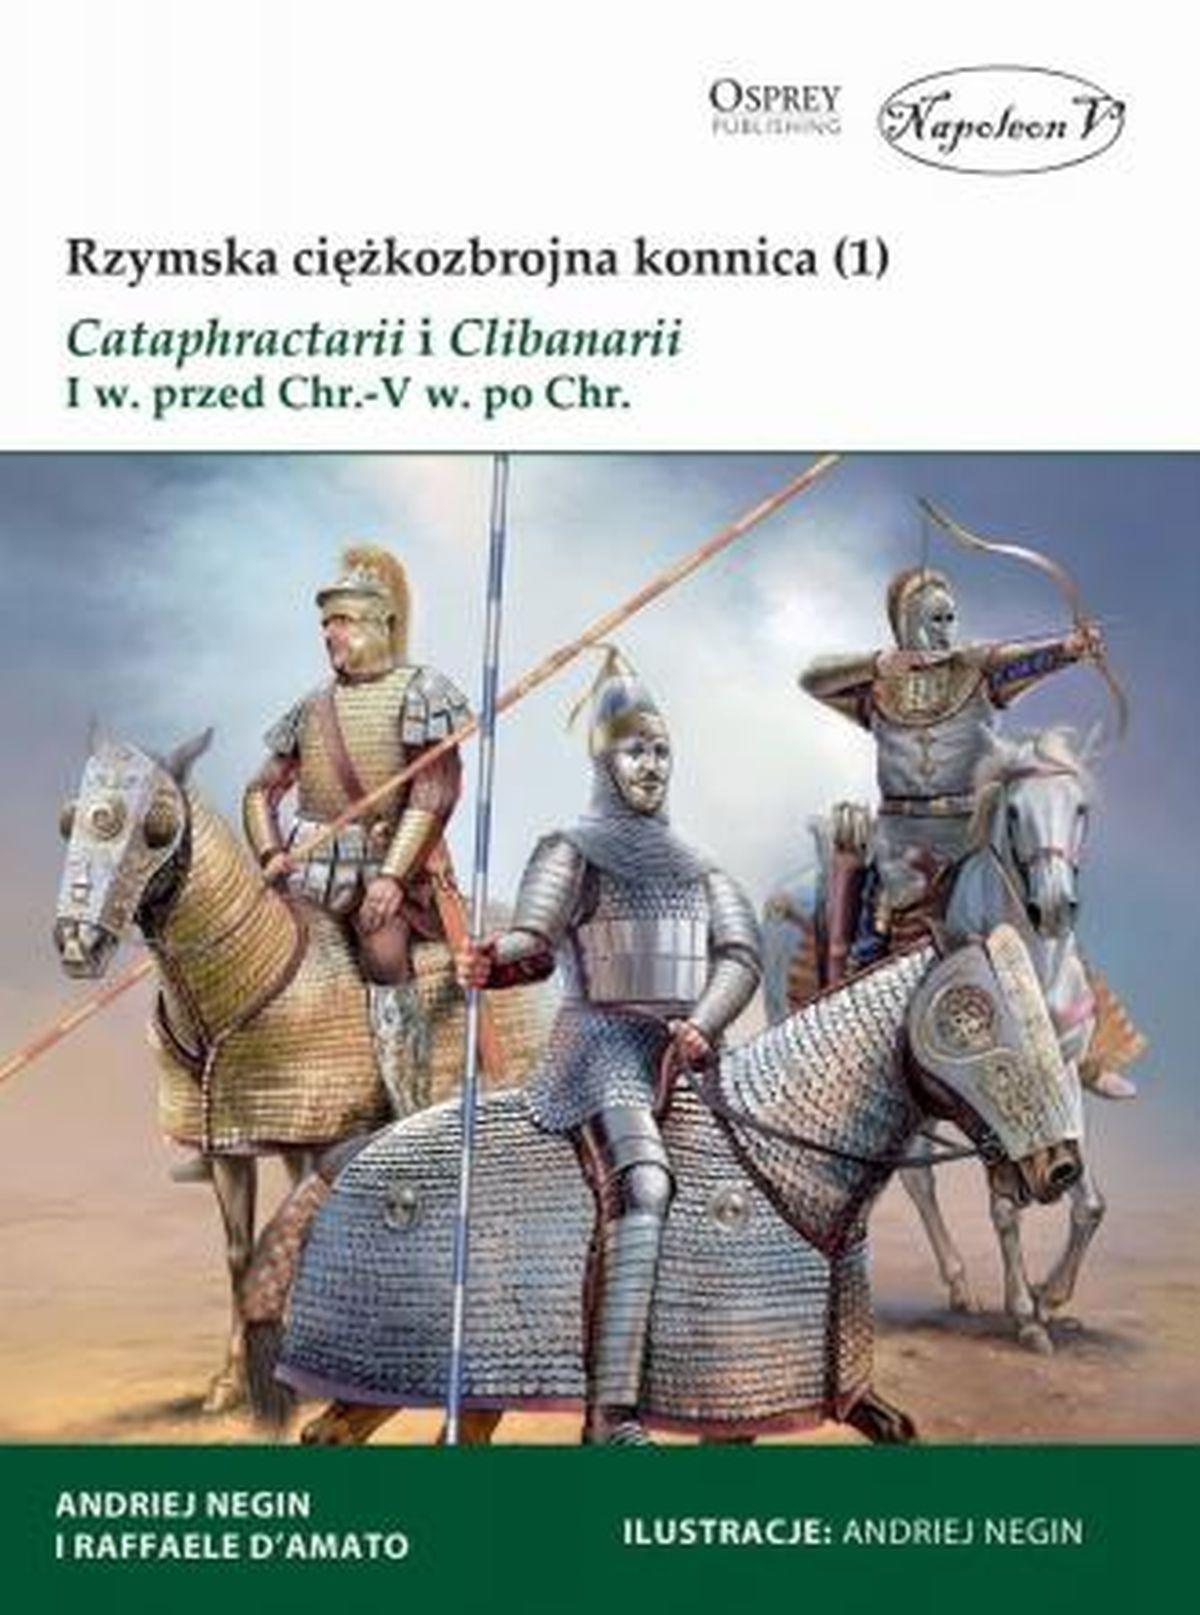 Raffaele D Amato, Rzymska ciężkozbrojna konnica (1) Cataphractarii i Clibanarii I w. przed Chr.-V w. po Chr.